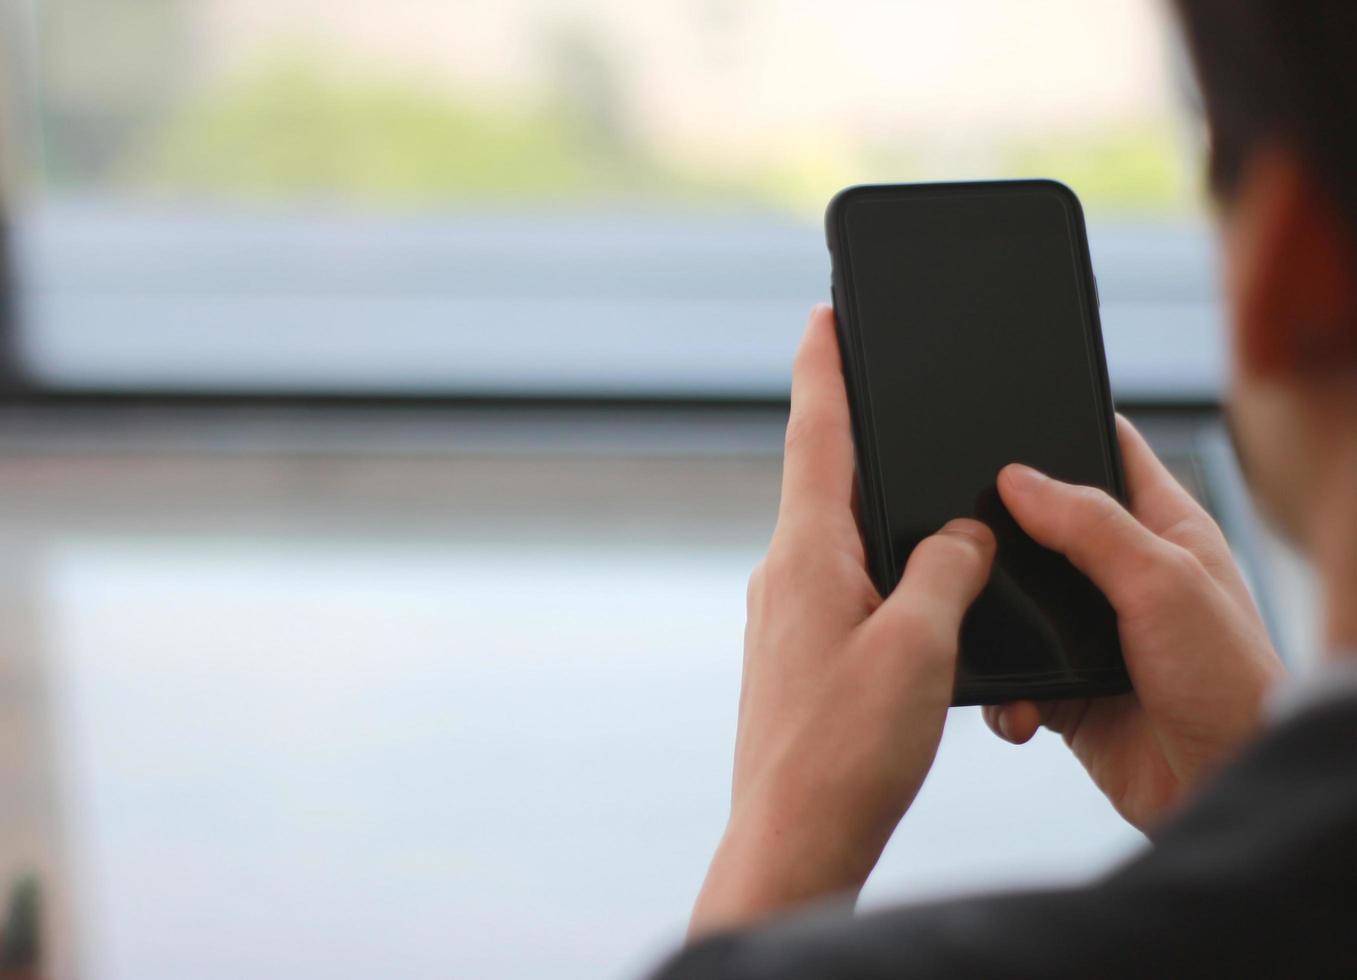 Weichzeichner der Geschäftsperson, die Handy hält foto